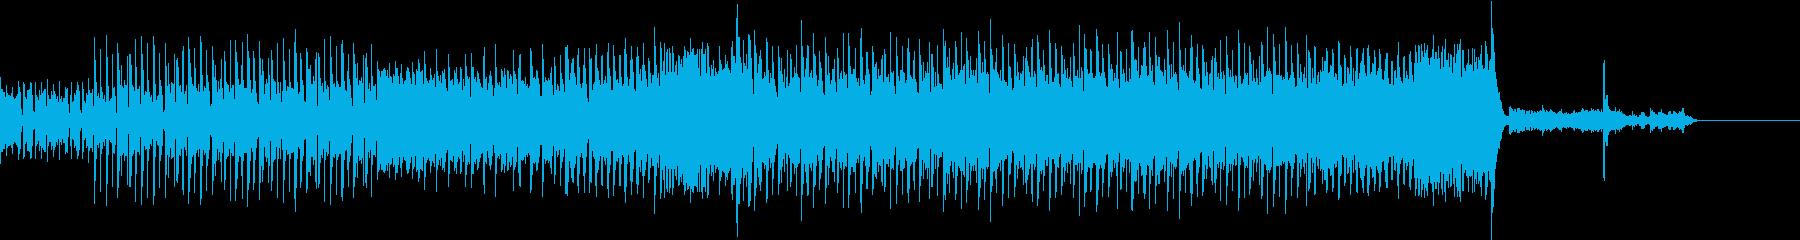 ミステリアスなEDMロックの再生済みの波形